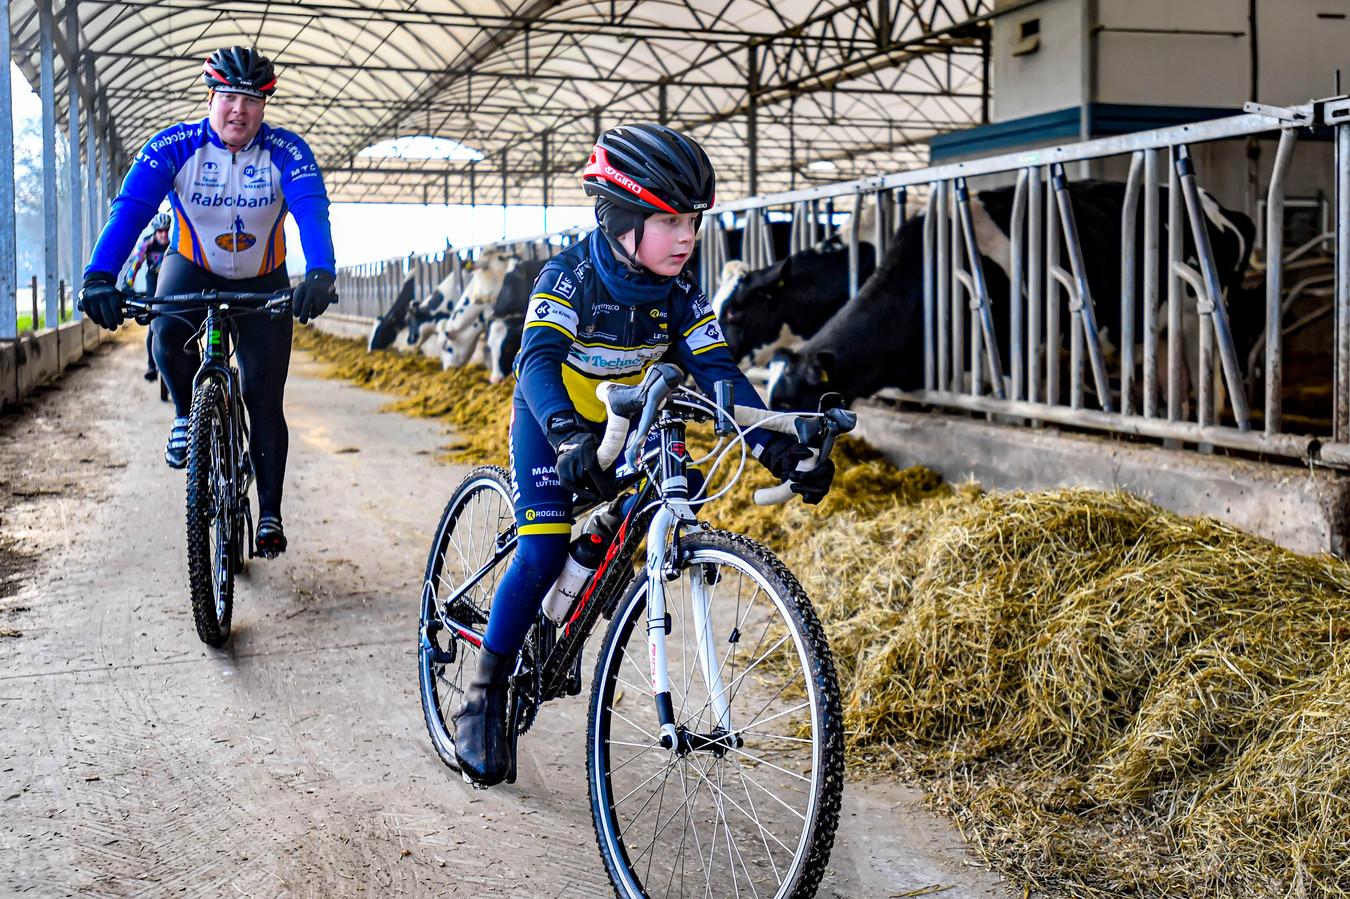 De veldtourtocht van RTC De Smid vorig jaar, door een koeienstal. De club twijfelt over het doorgaan ervan, dit jaar.